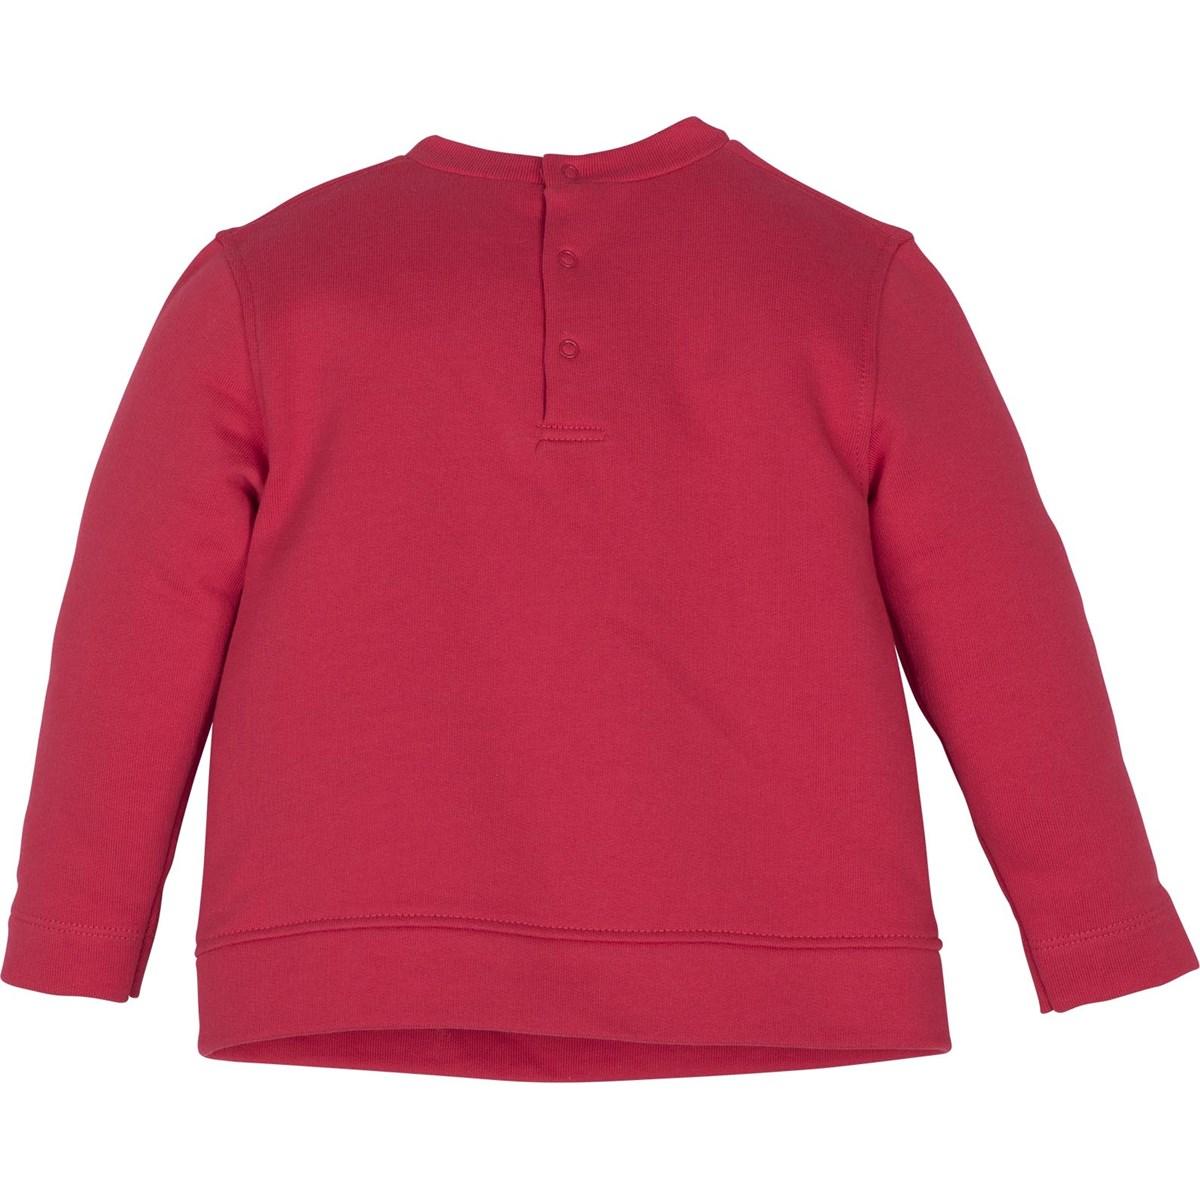 12653 Sweatshirt 3